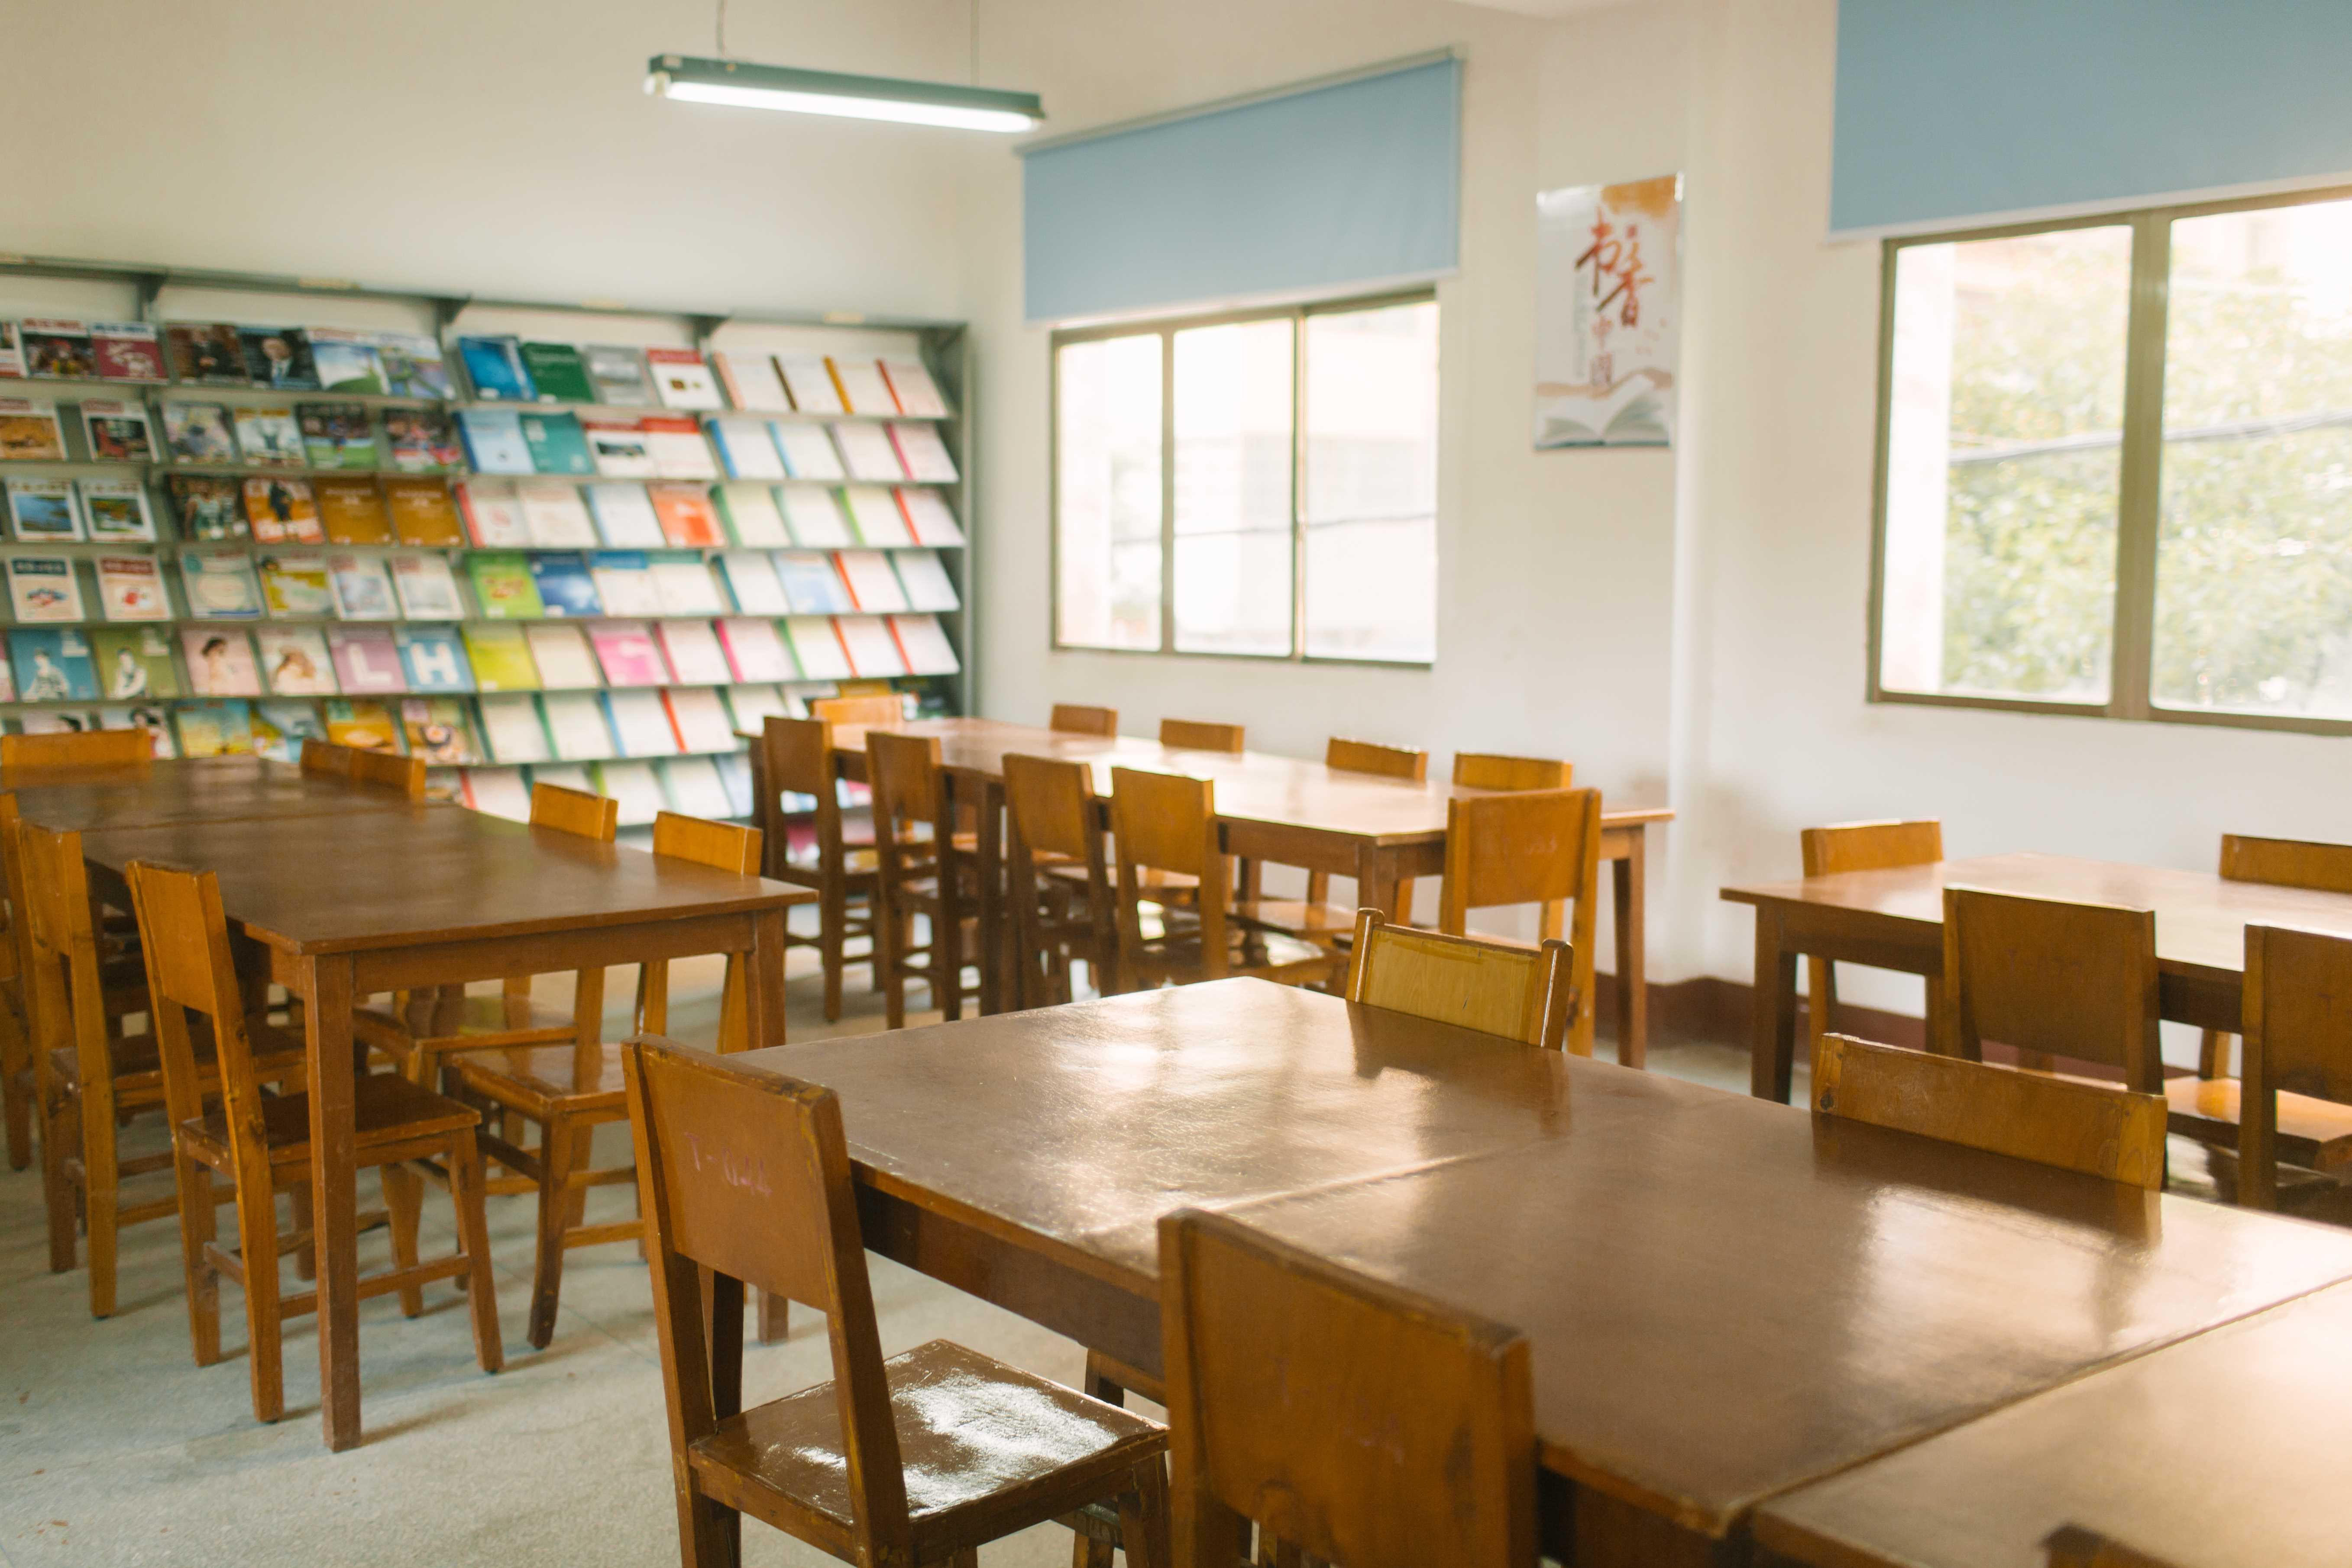 阅览室一角